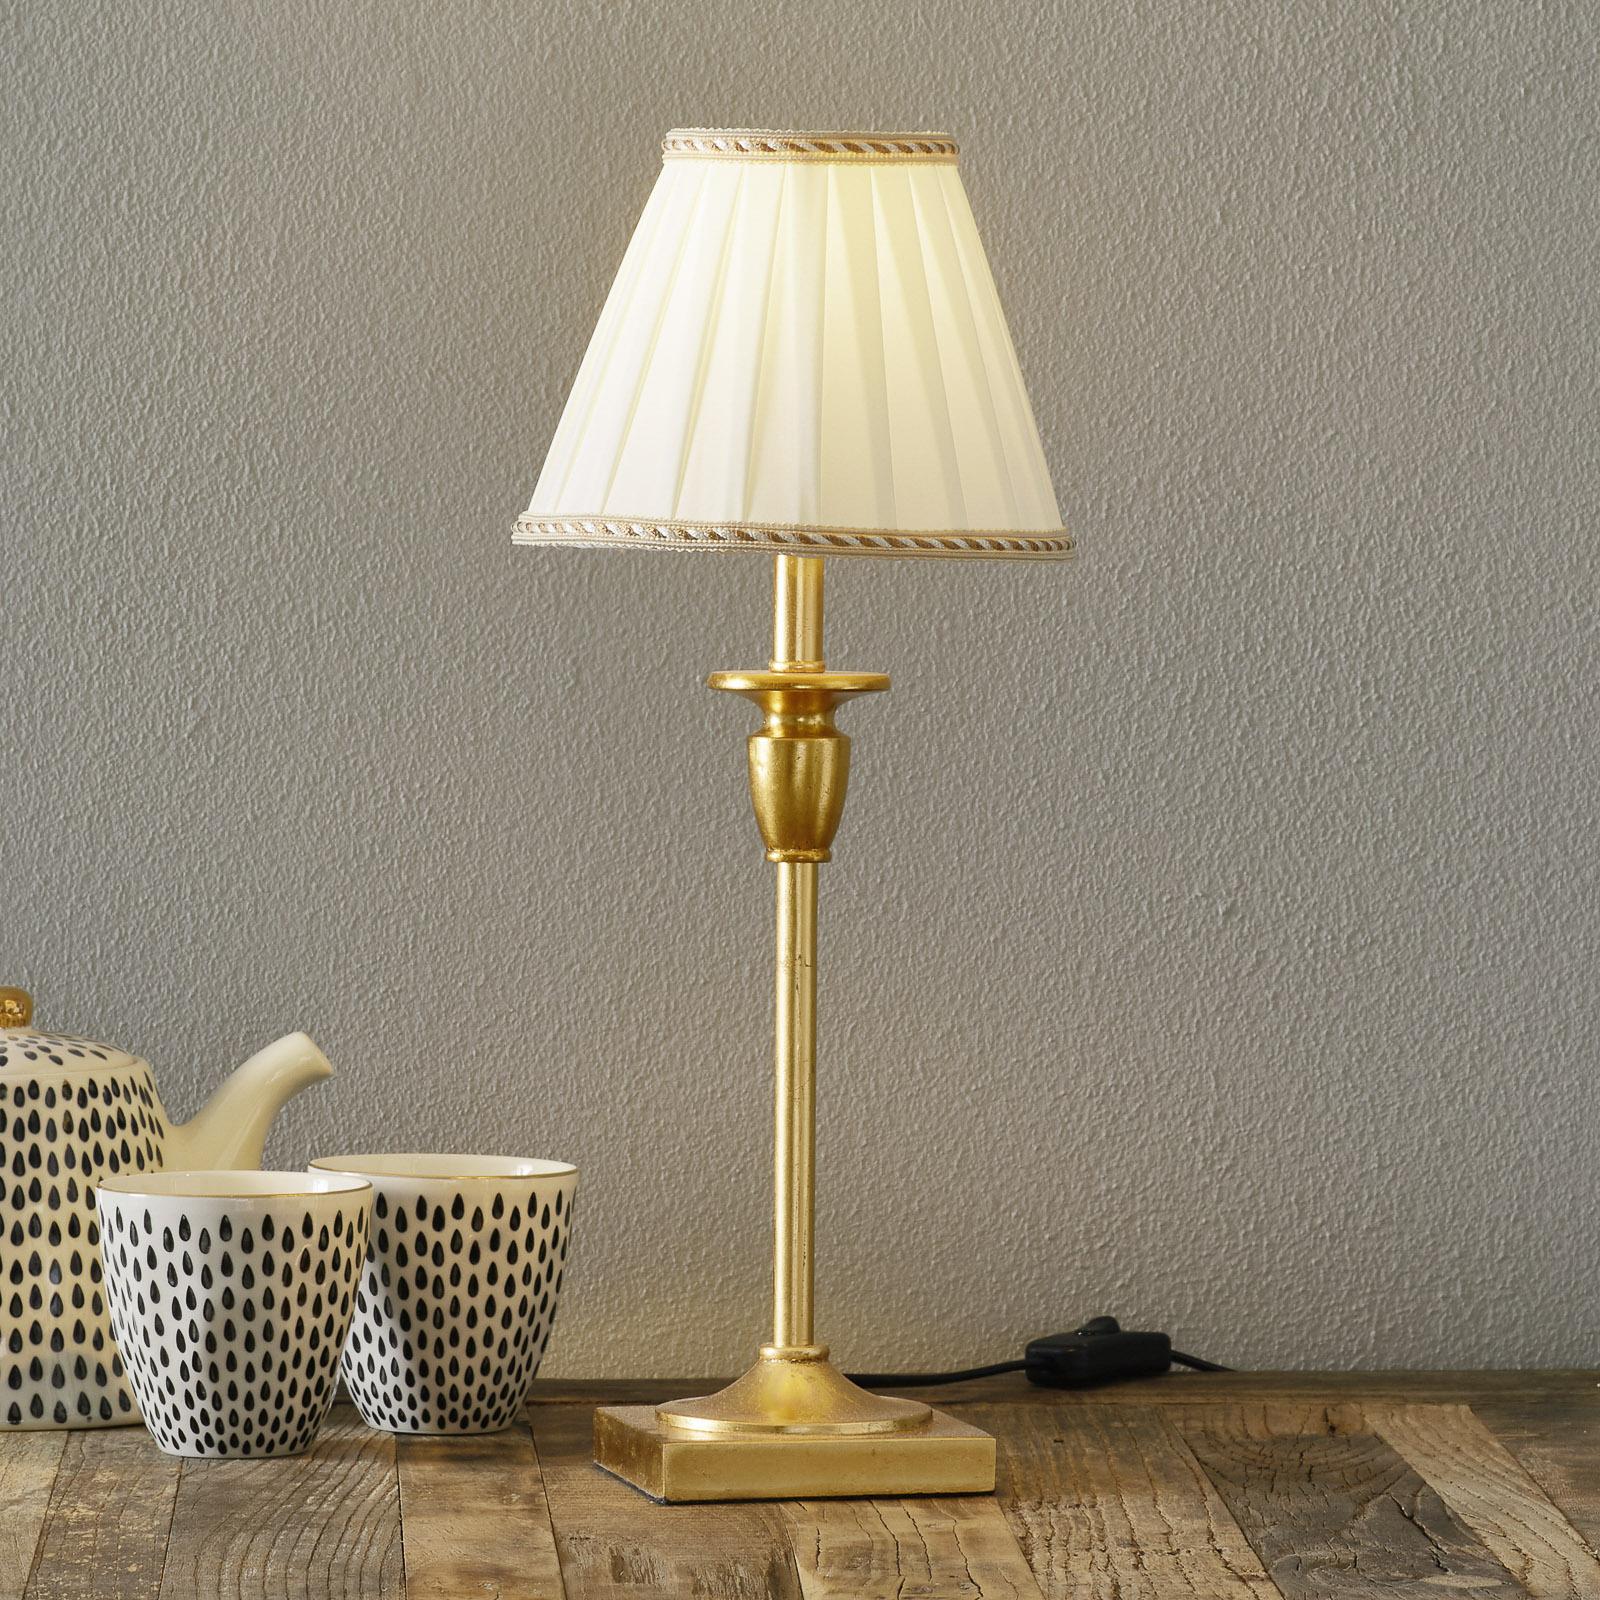 Stijlvolle tafellamp DONATA, diameter 29,2 cm